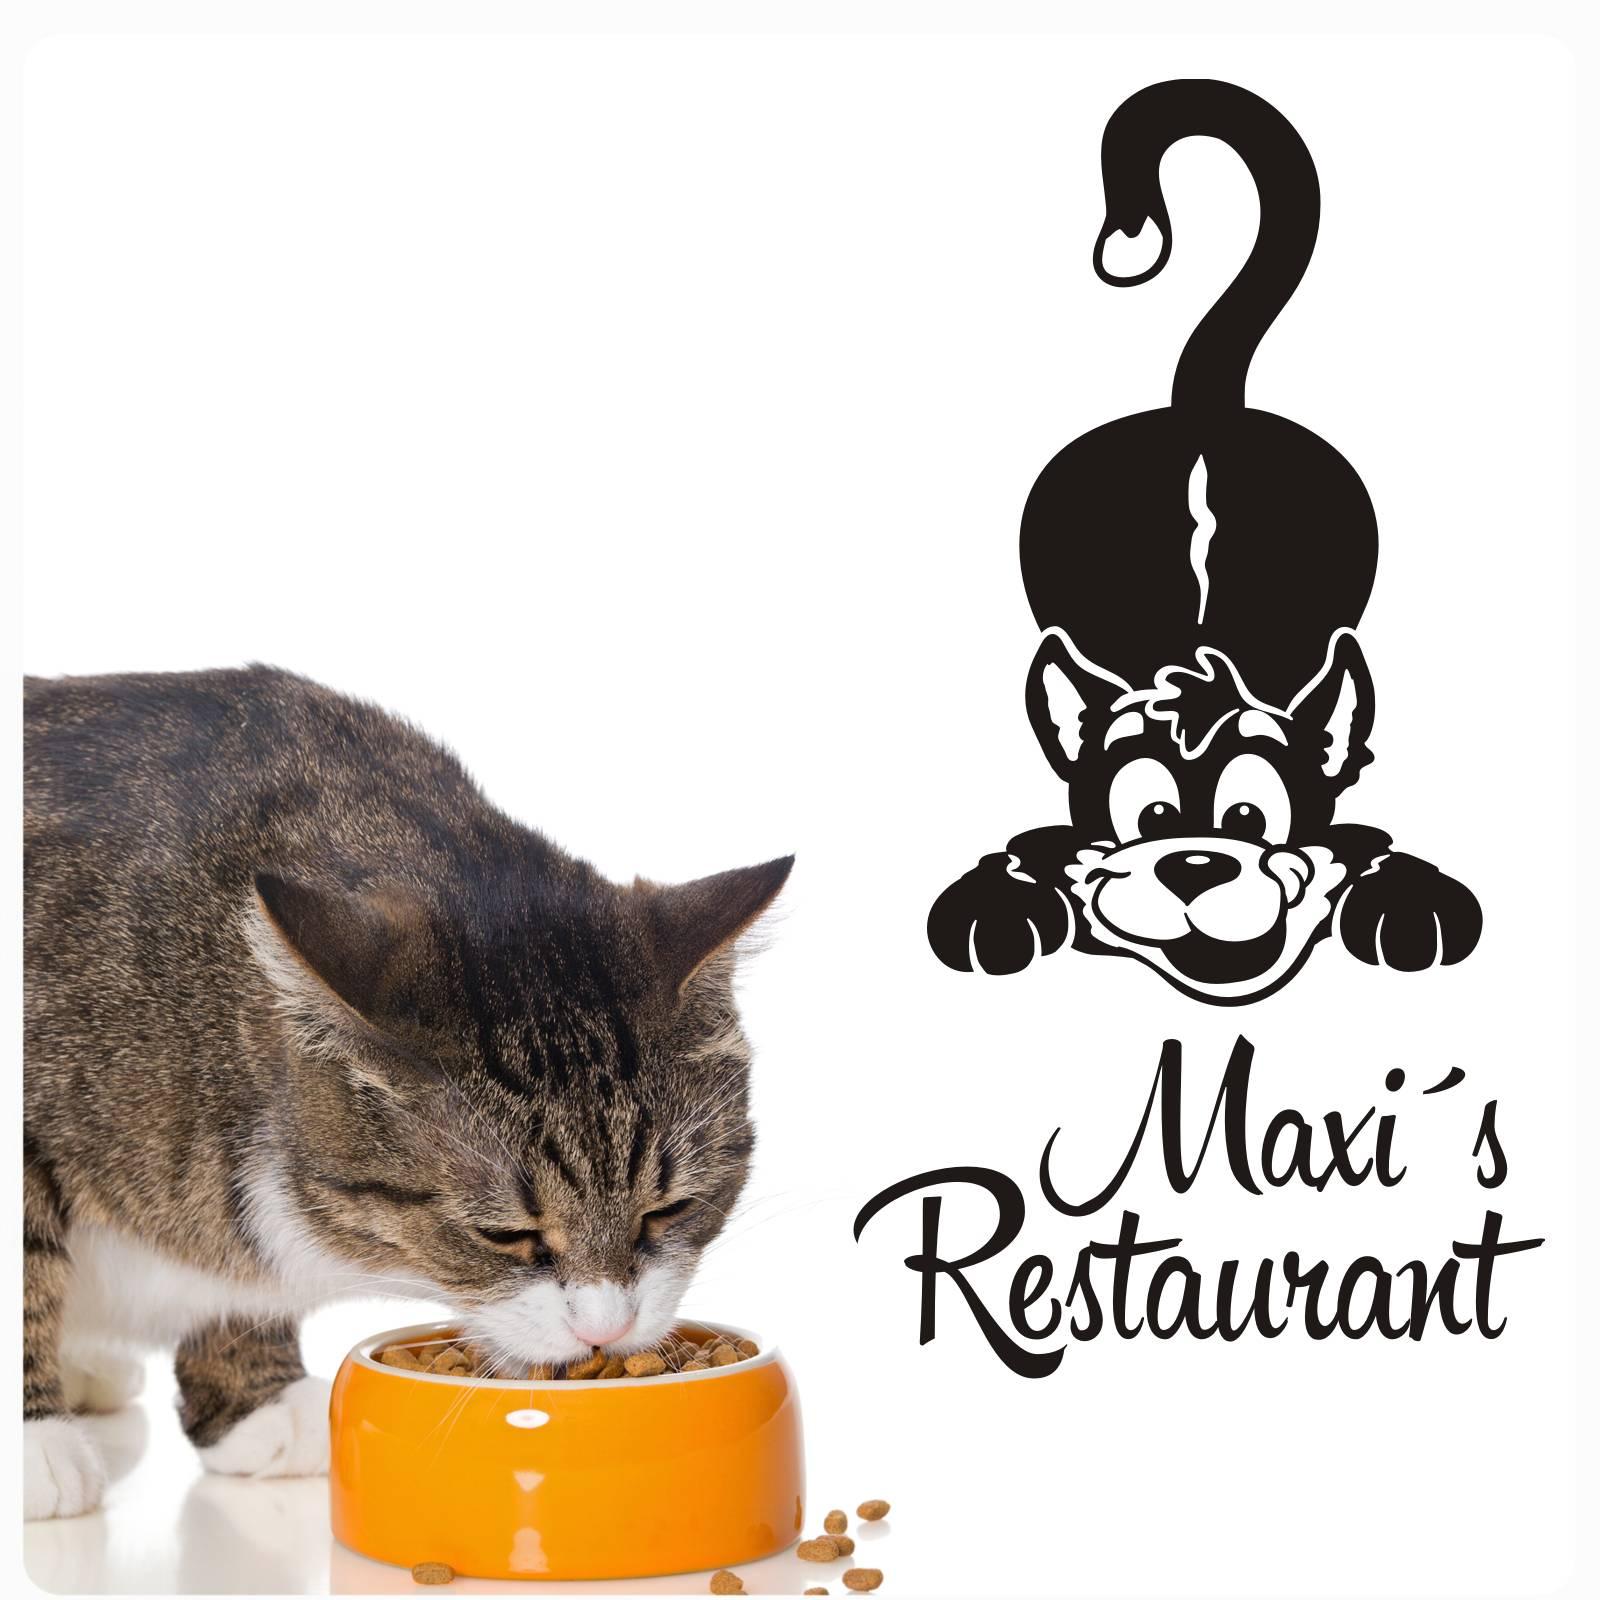 Beeindruckend Wandtattoo Katzen Foto Von Wunschname Katze Restaurant